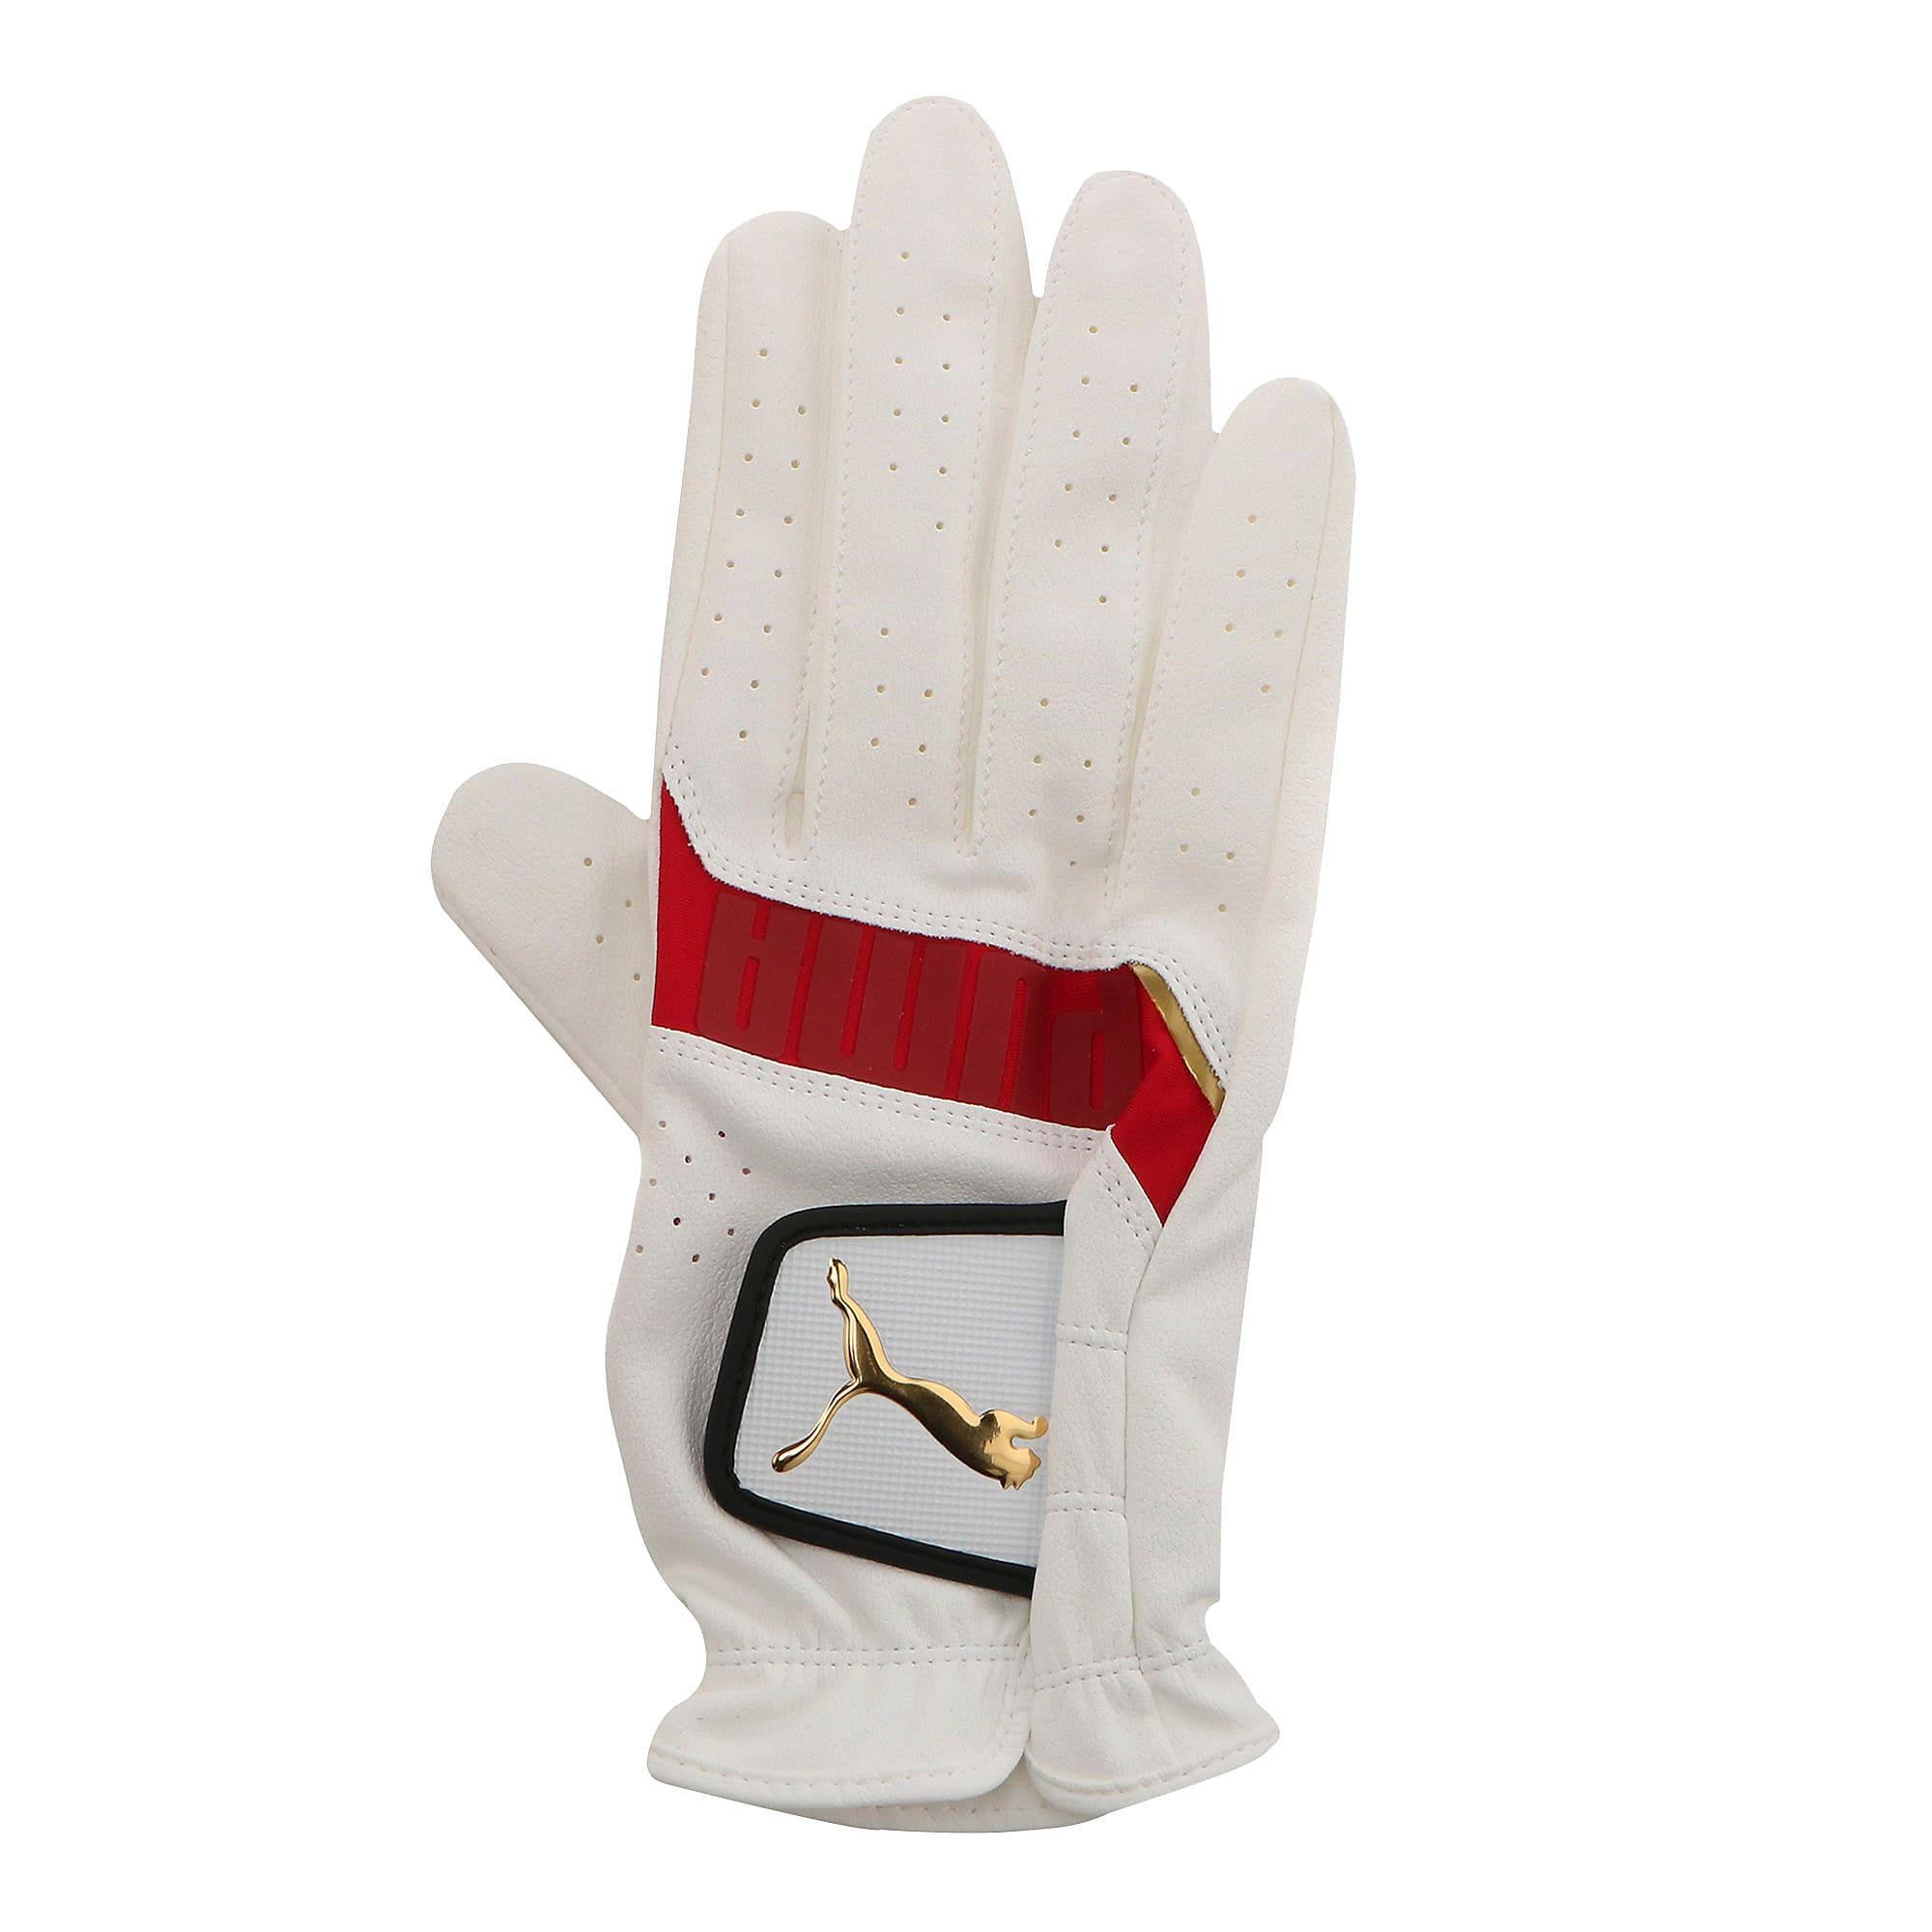 Thumbnail 1 of ゴルフ 3D パフォーマンス グローブ 右手用, White / High Risk Red, medium-JPN